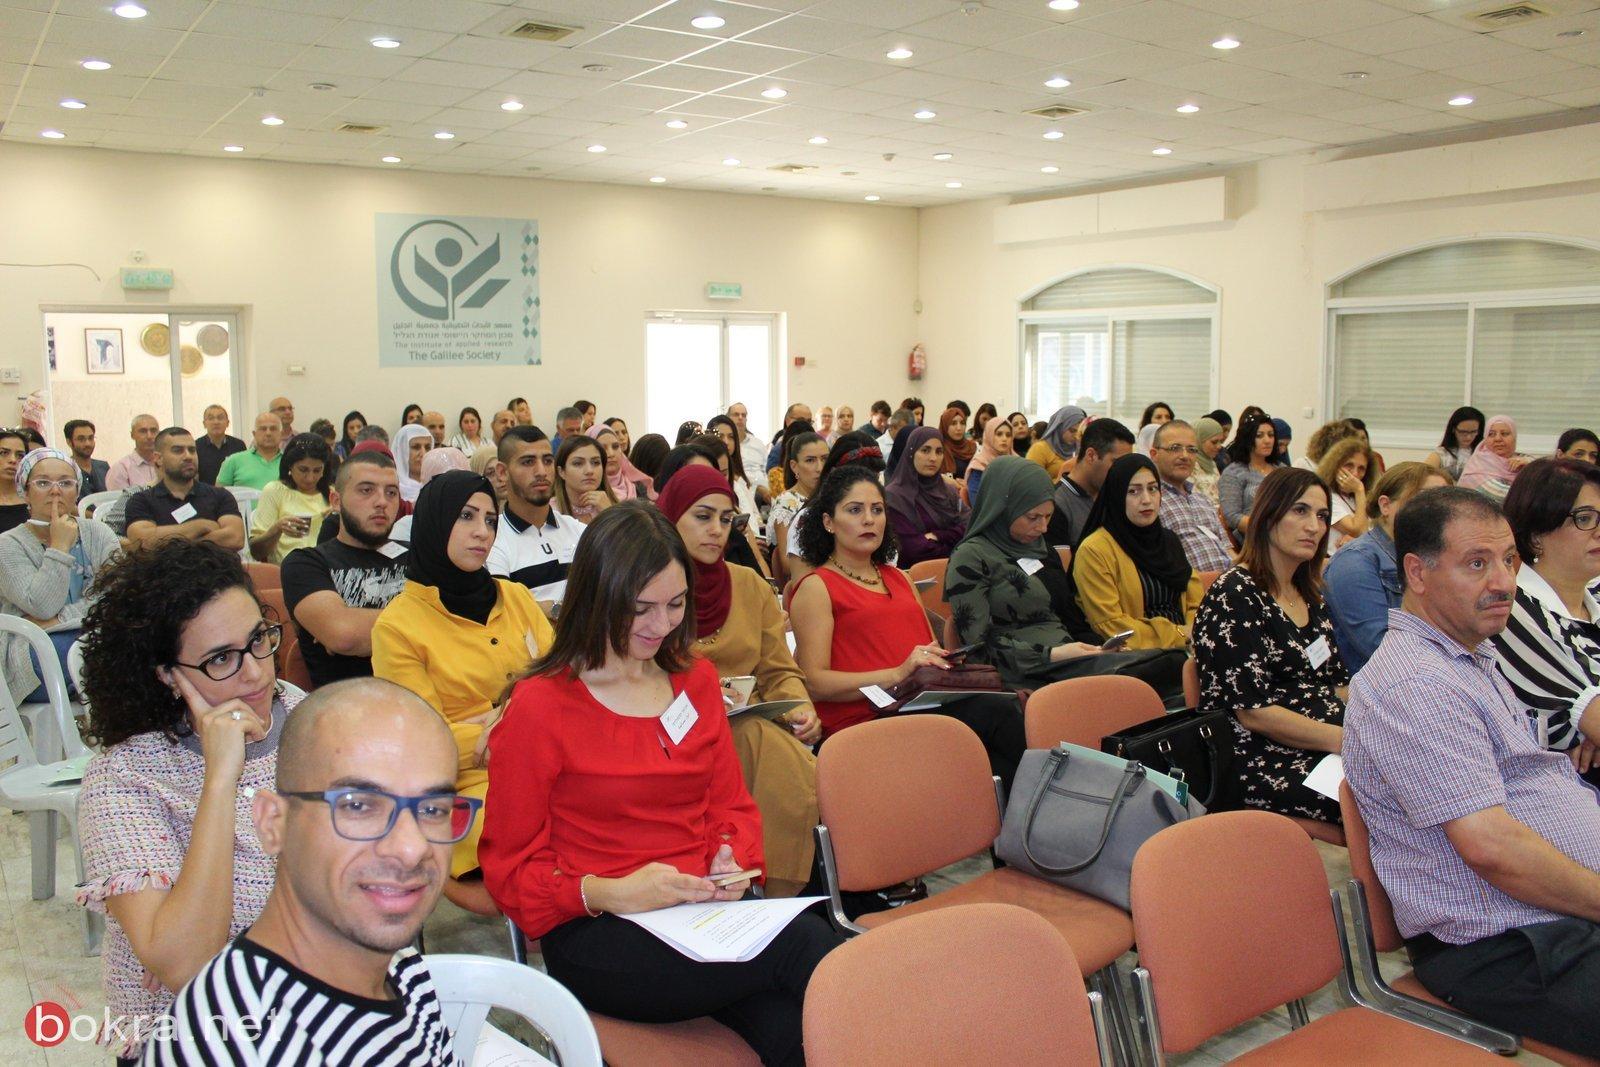 جمعية الجليل تطلق مؤتمرها العلمي السنوي للعام 2019 -18